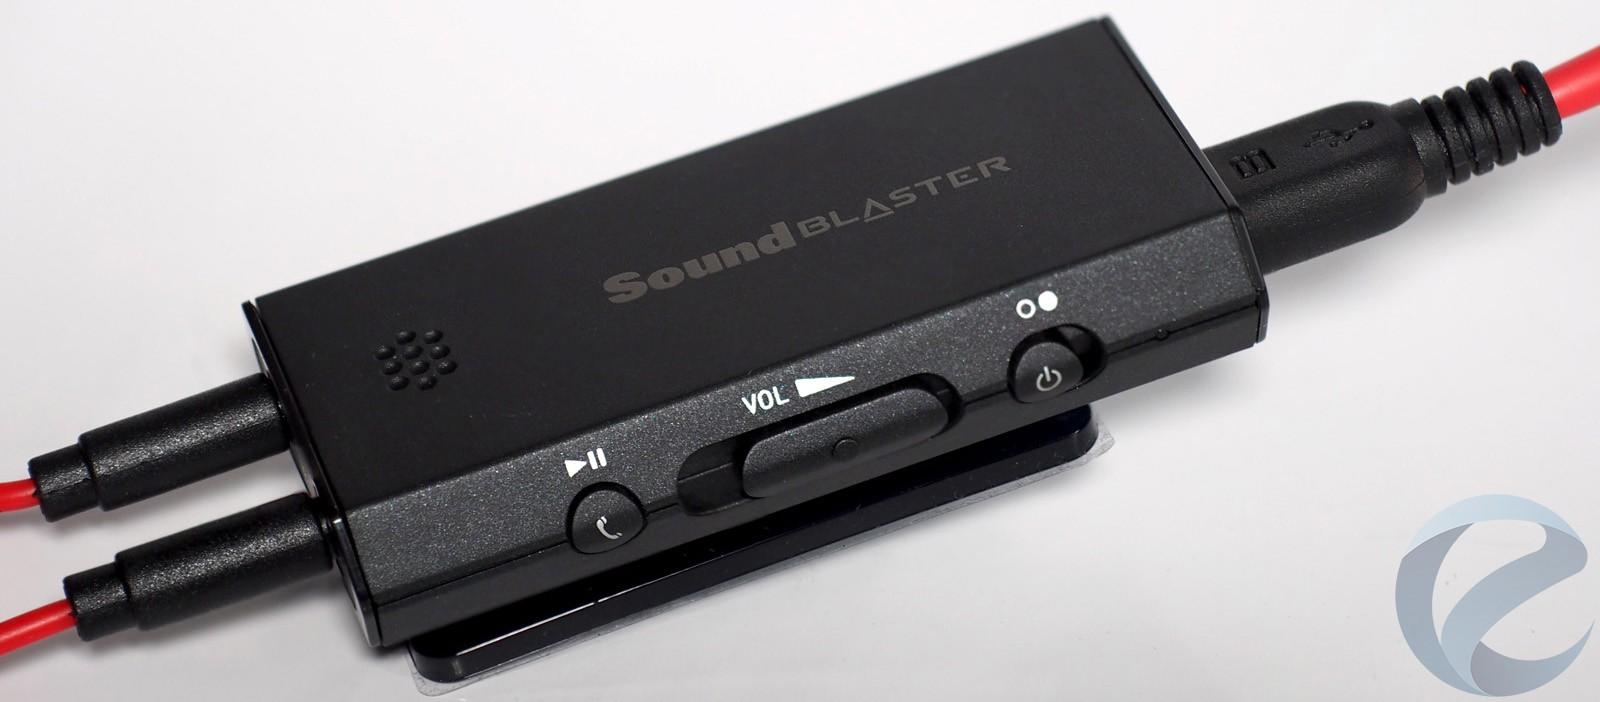 Обзор Creative Sound Blaster E1  Компактный усилитель для наушников